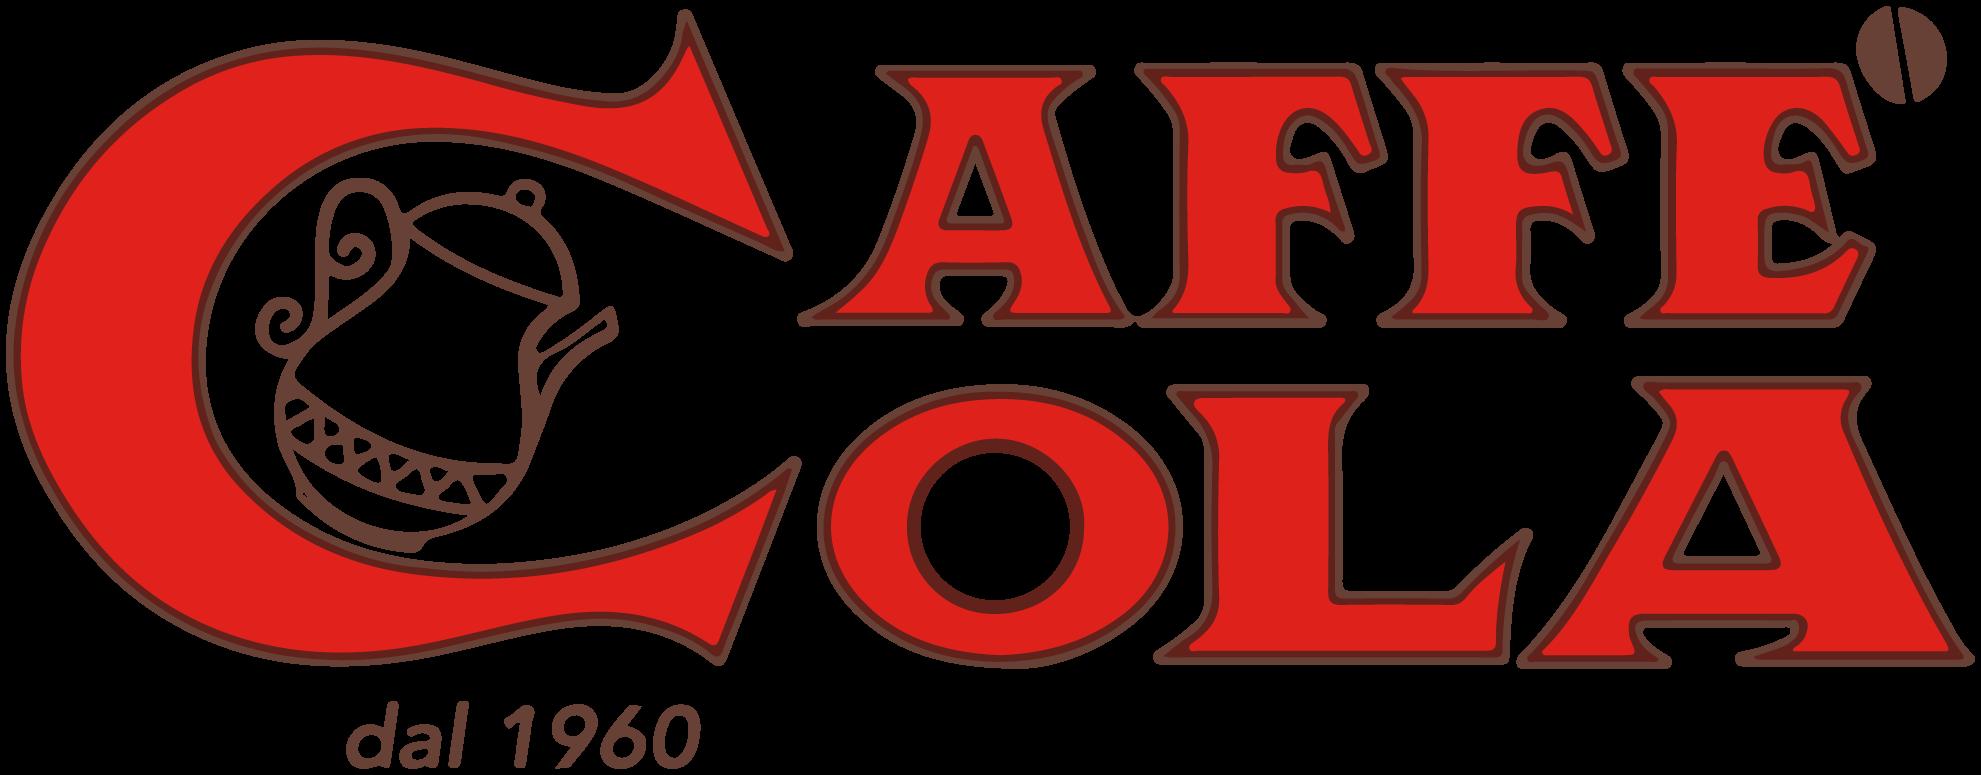 caffe cola 1960